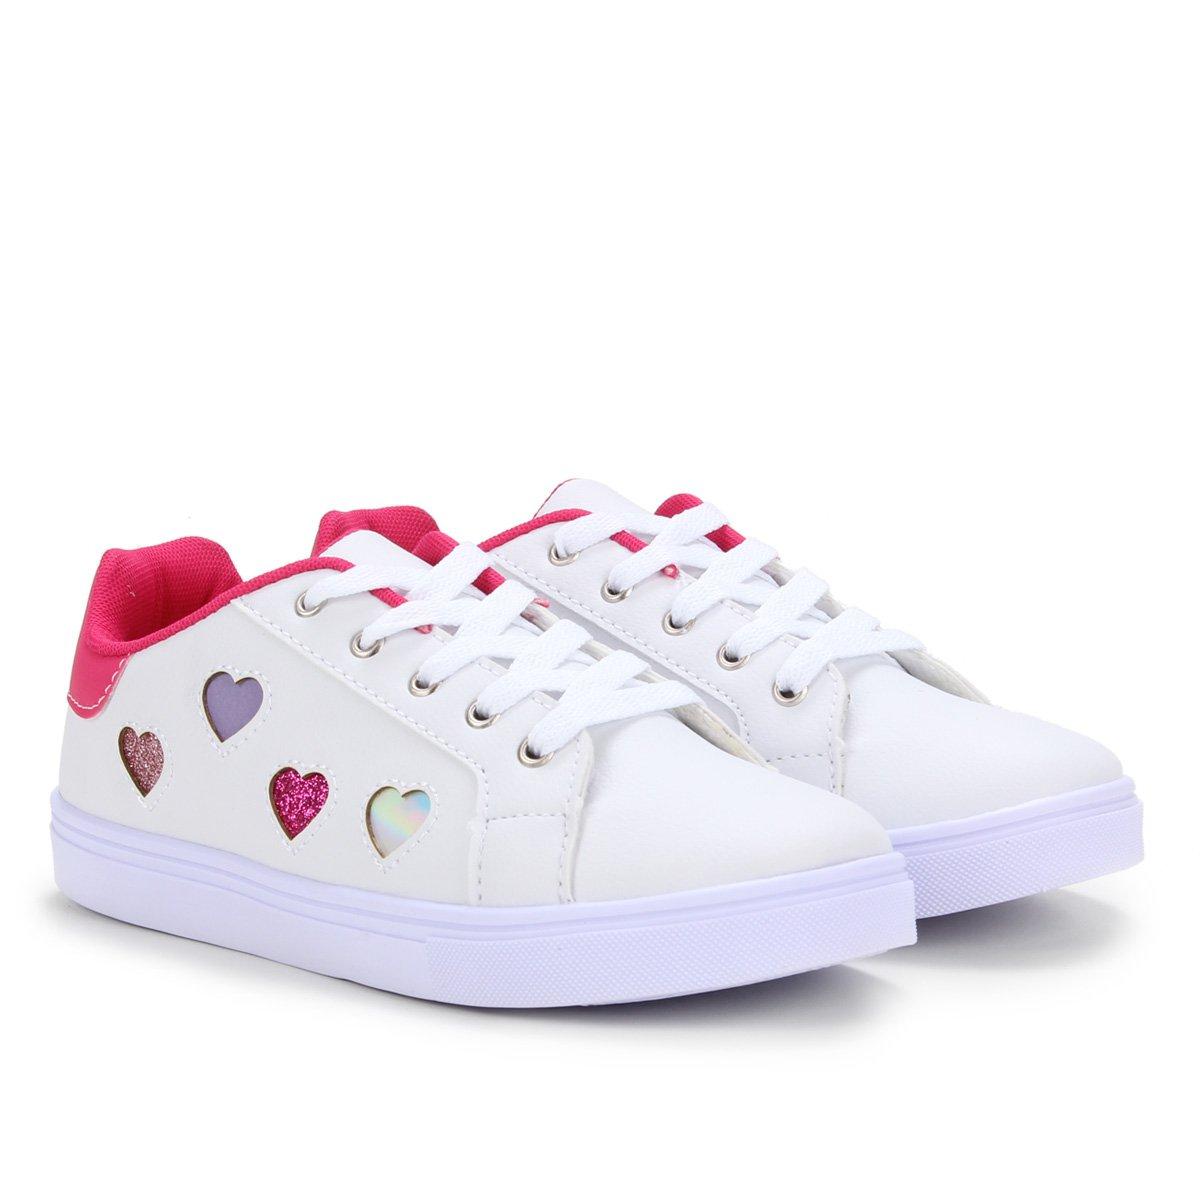 Tênis infantil Kurz Corações Colors Girls